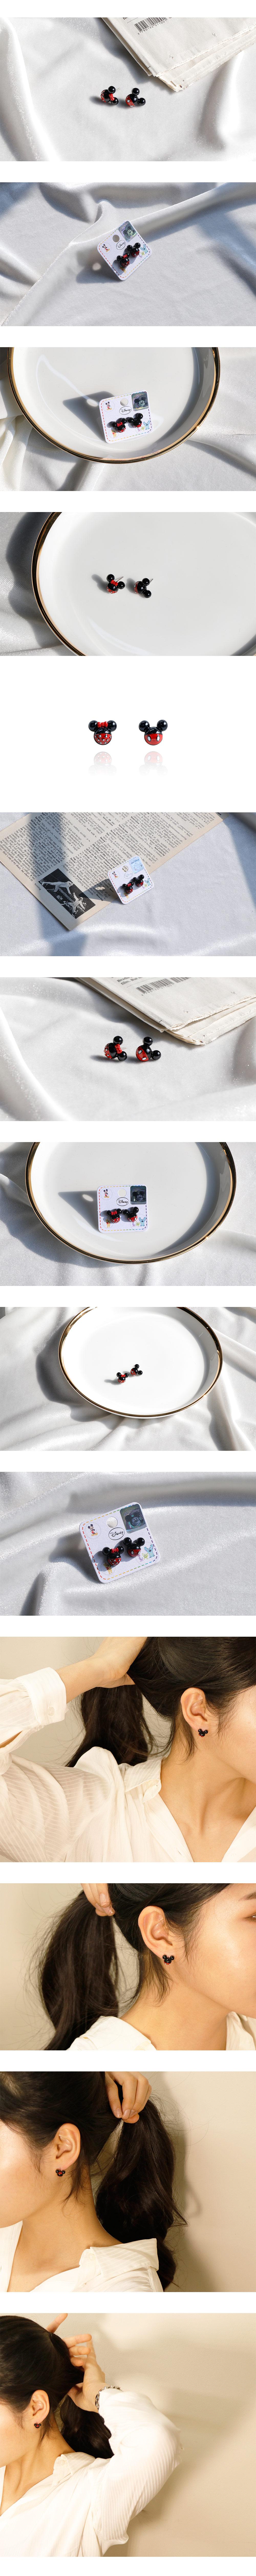 디즈니캐릭터귀걸이 도넛  미키마우스 미니마우스 은침귀걸이 - 클레어쥬얼리, 15,500원, 진주/원석, 볼귀걸이